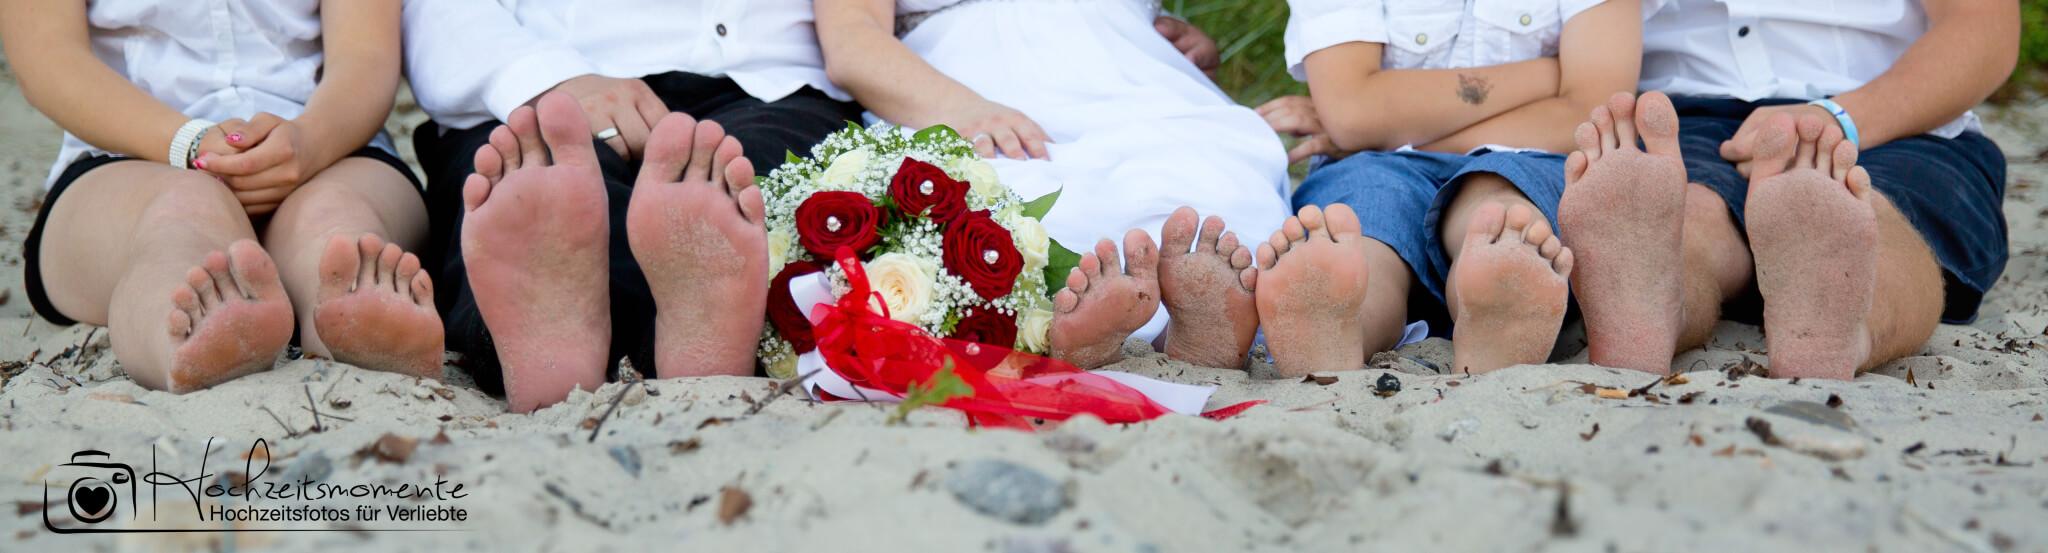 Füße von fünf Personen am Ostsee-Strand